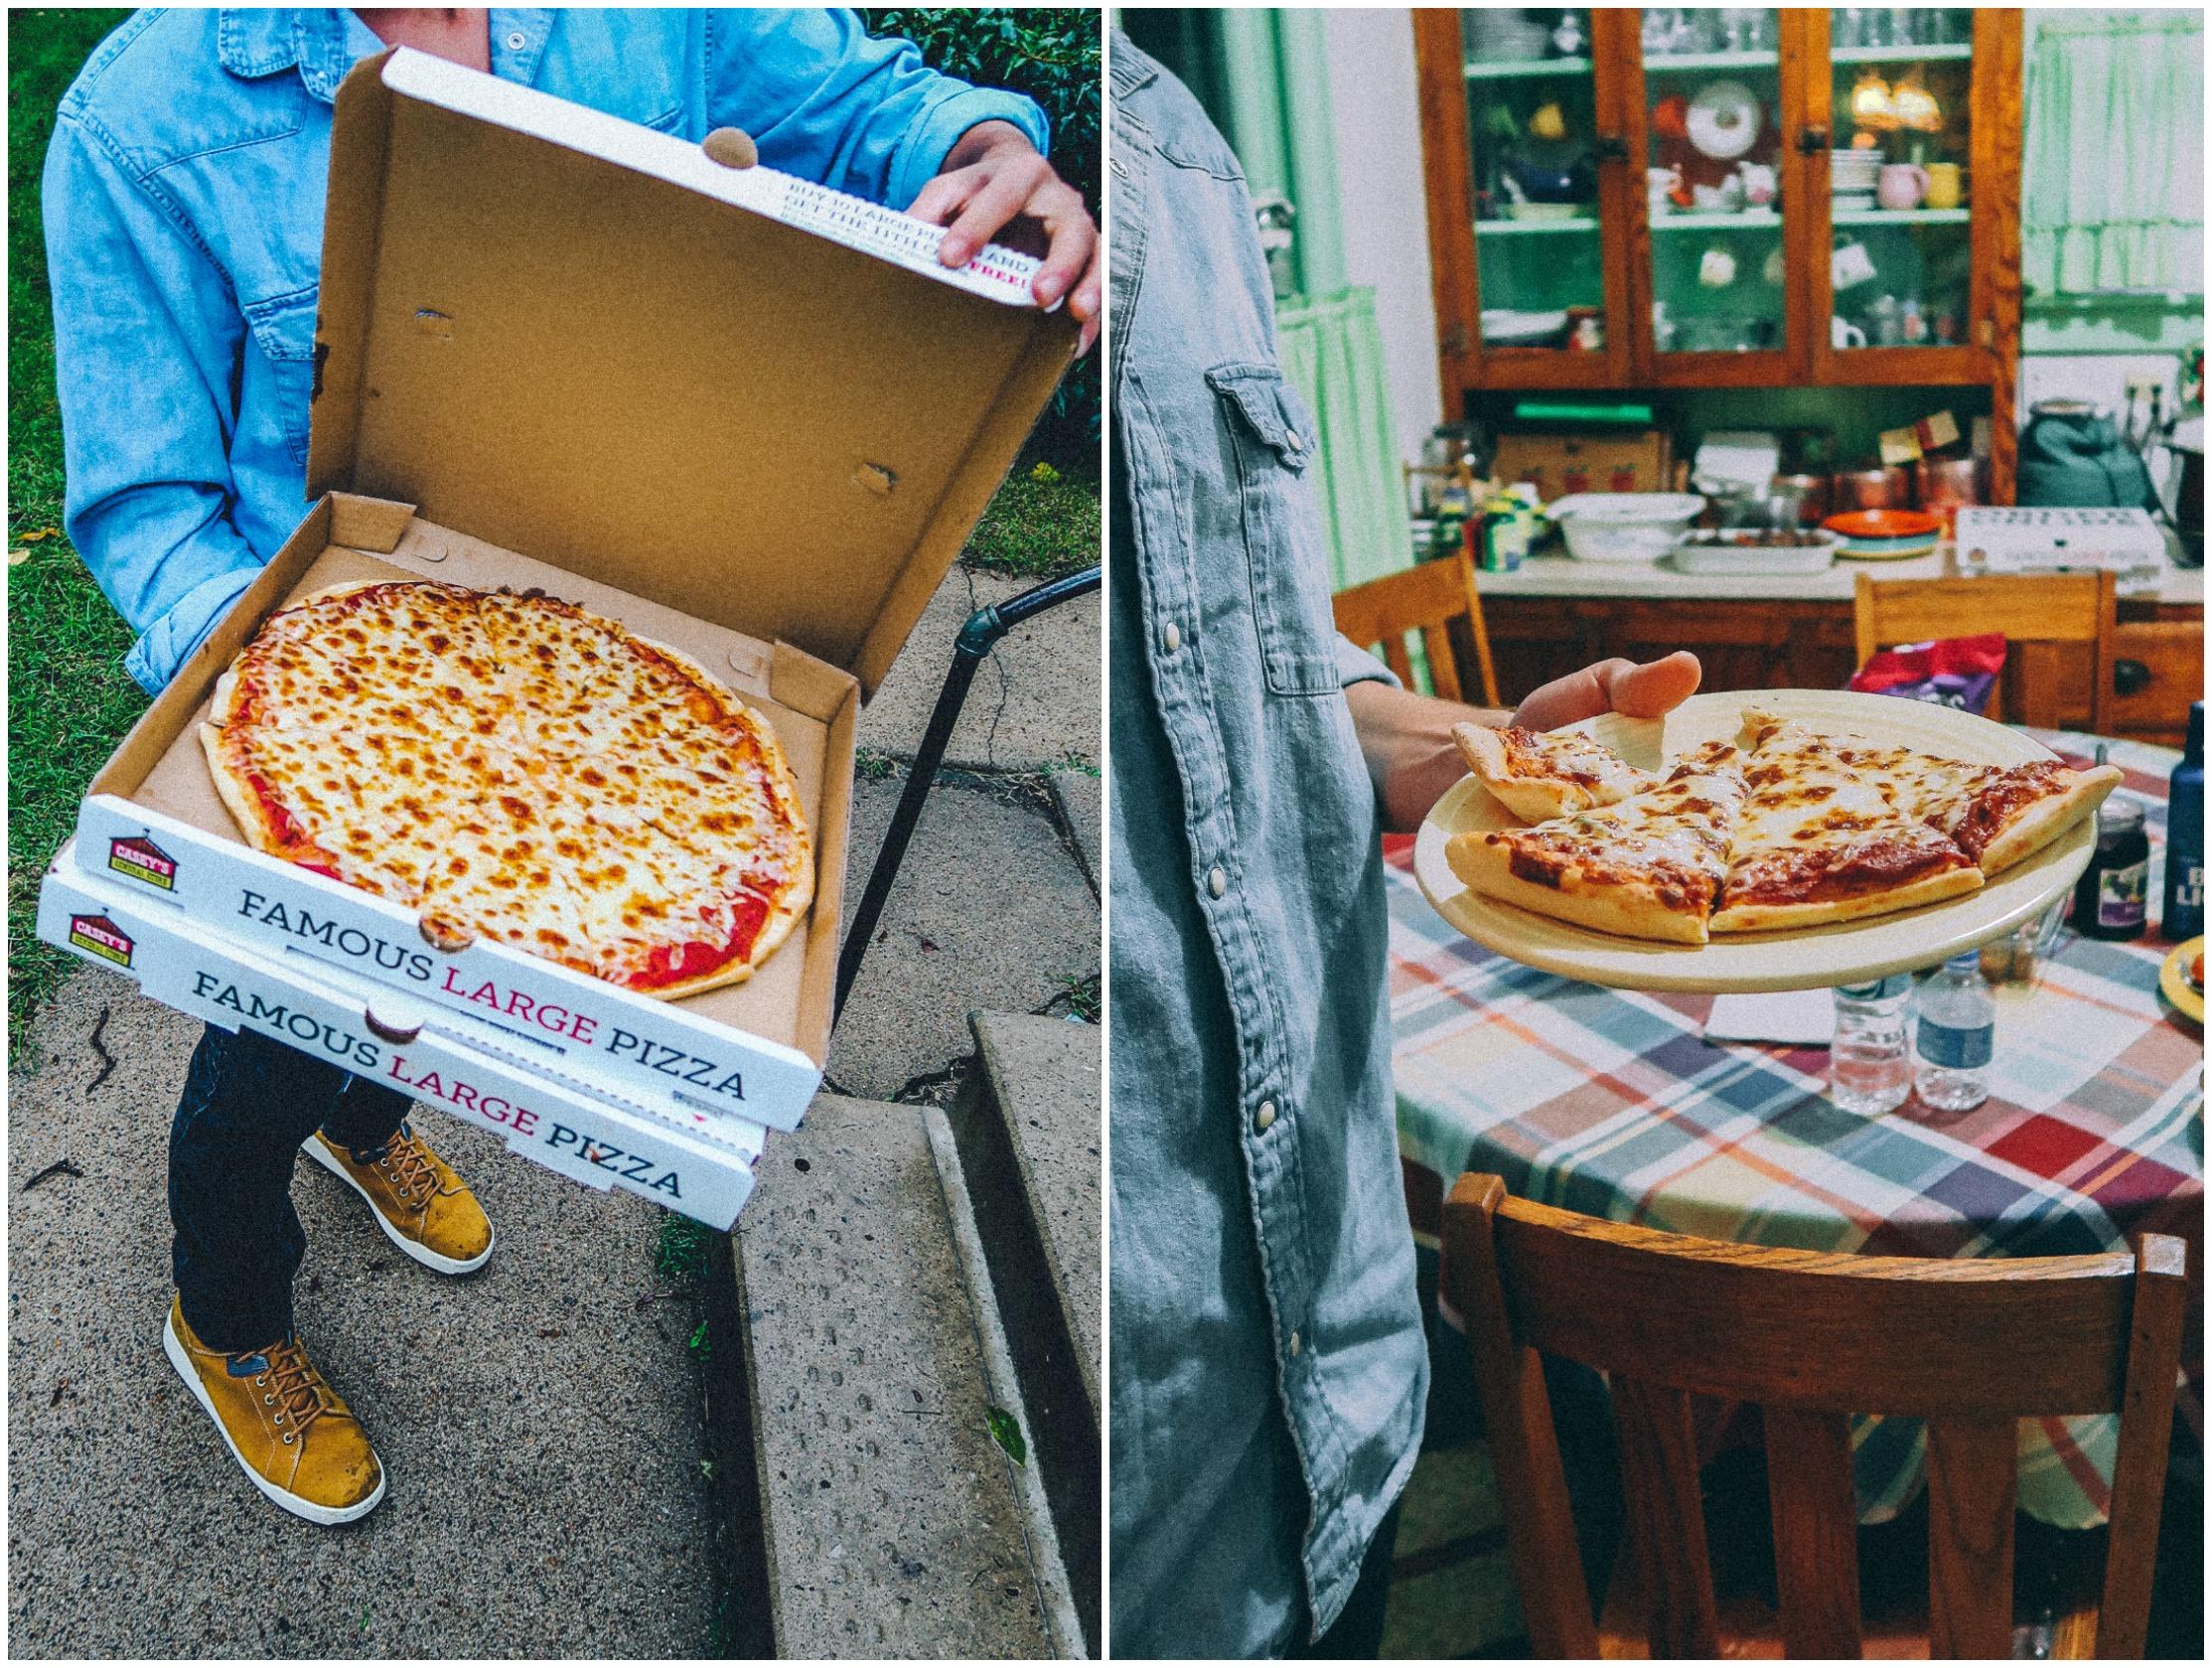 Casey's Pizza Casey's general Store pizza Iowa